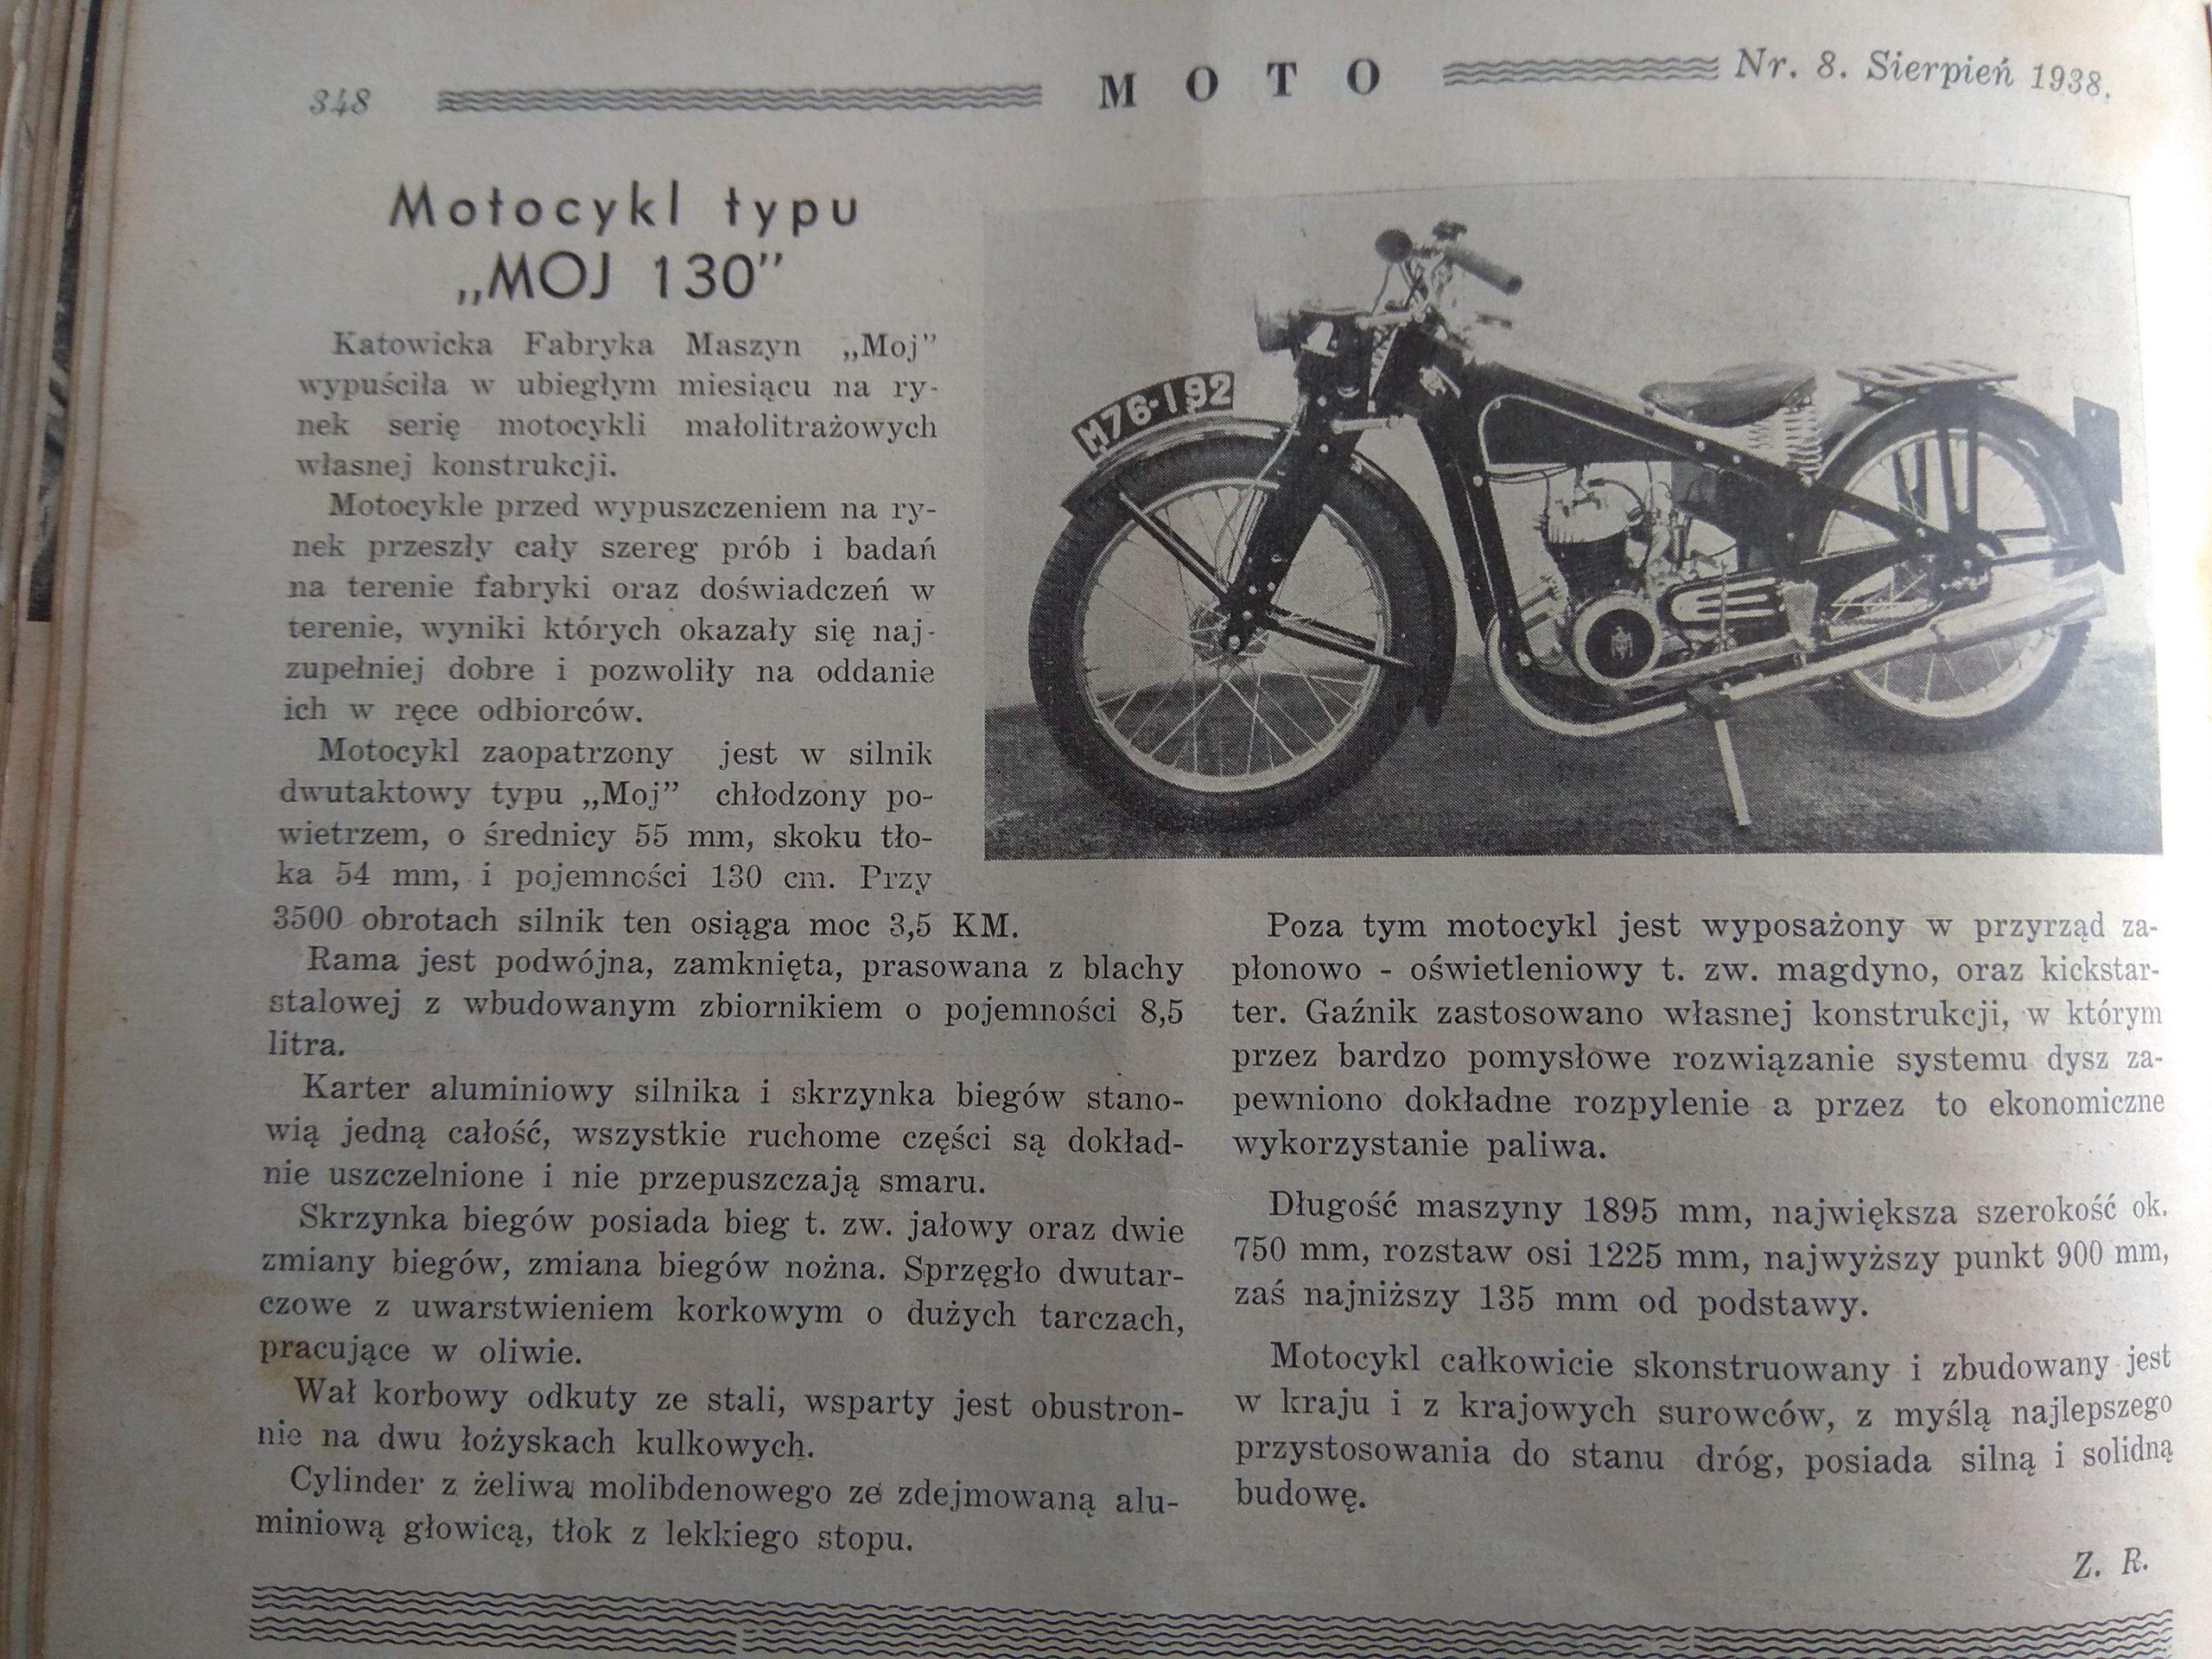 MOJ 130